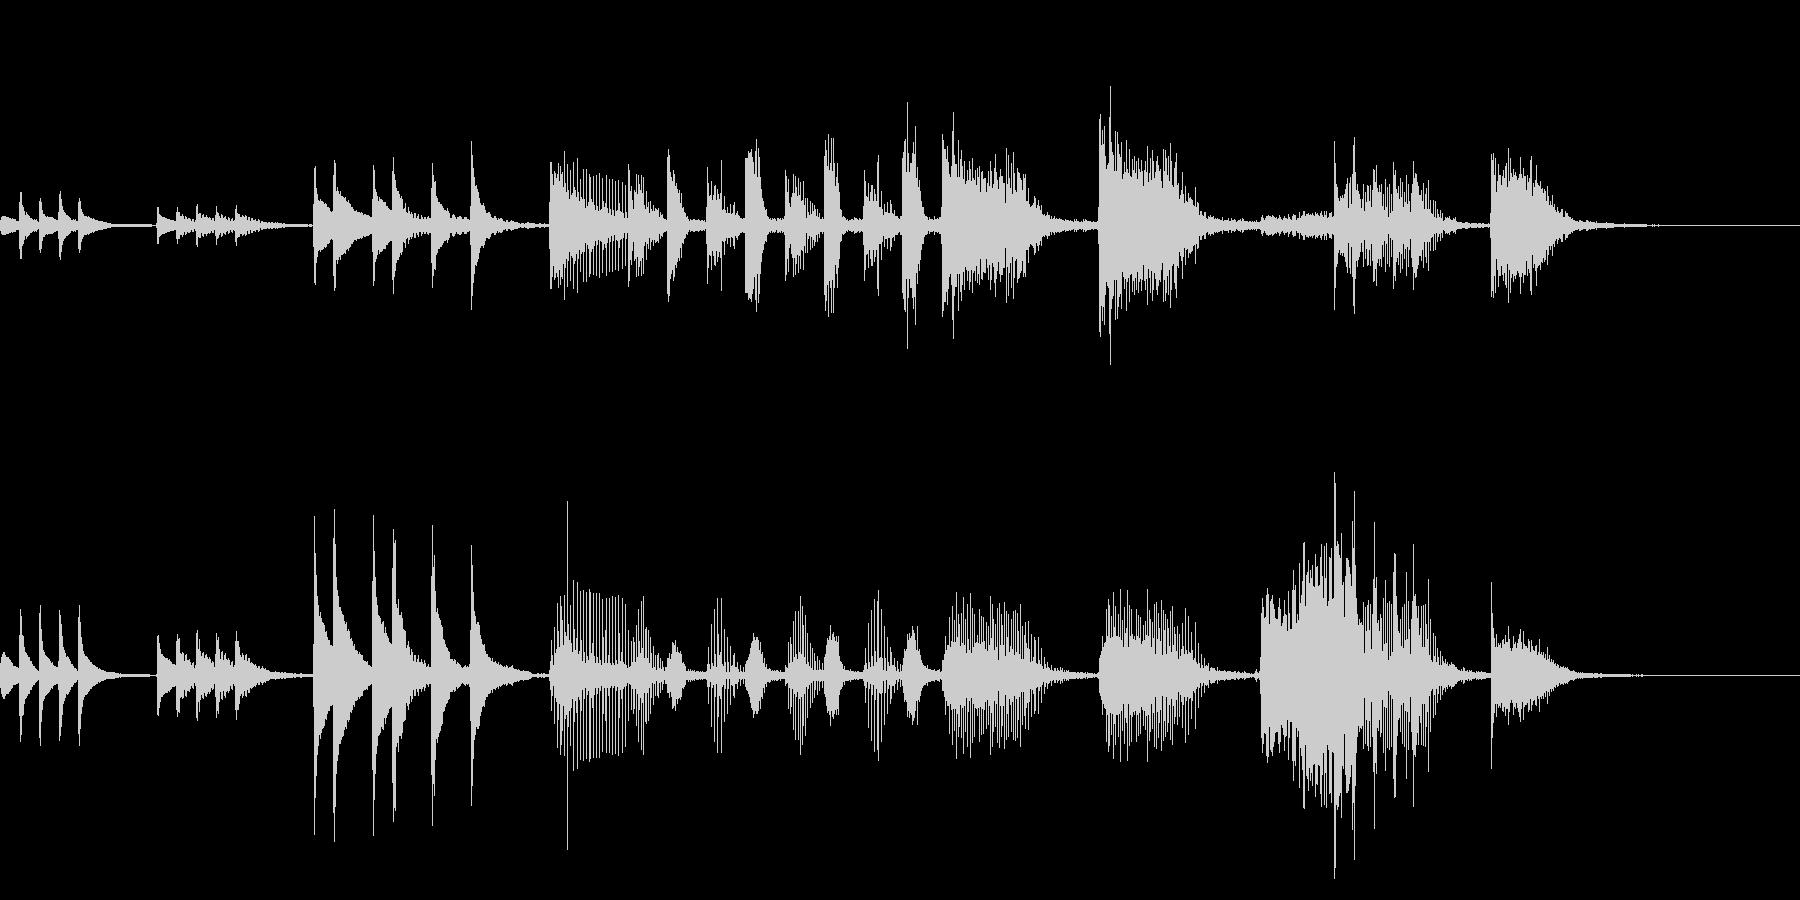 木琴によるコミカルなジングルの未再生の波形